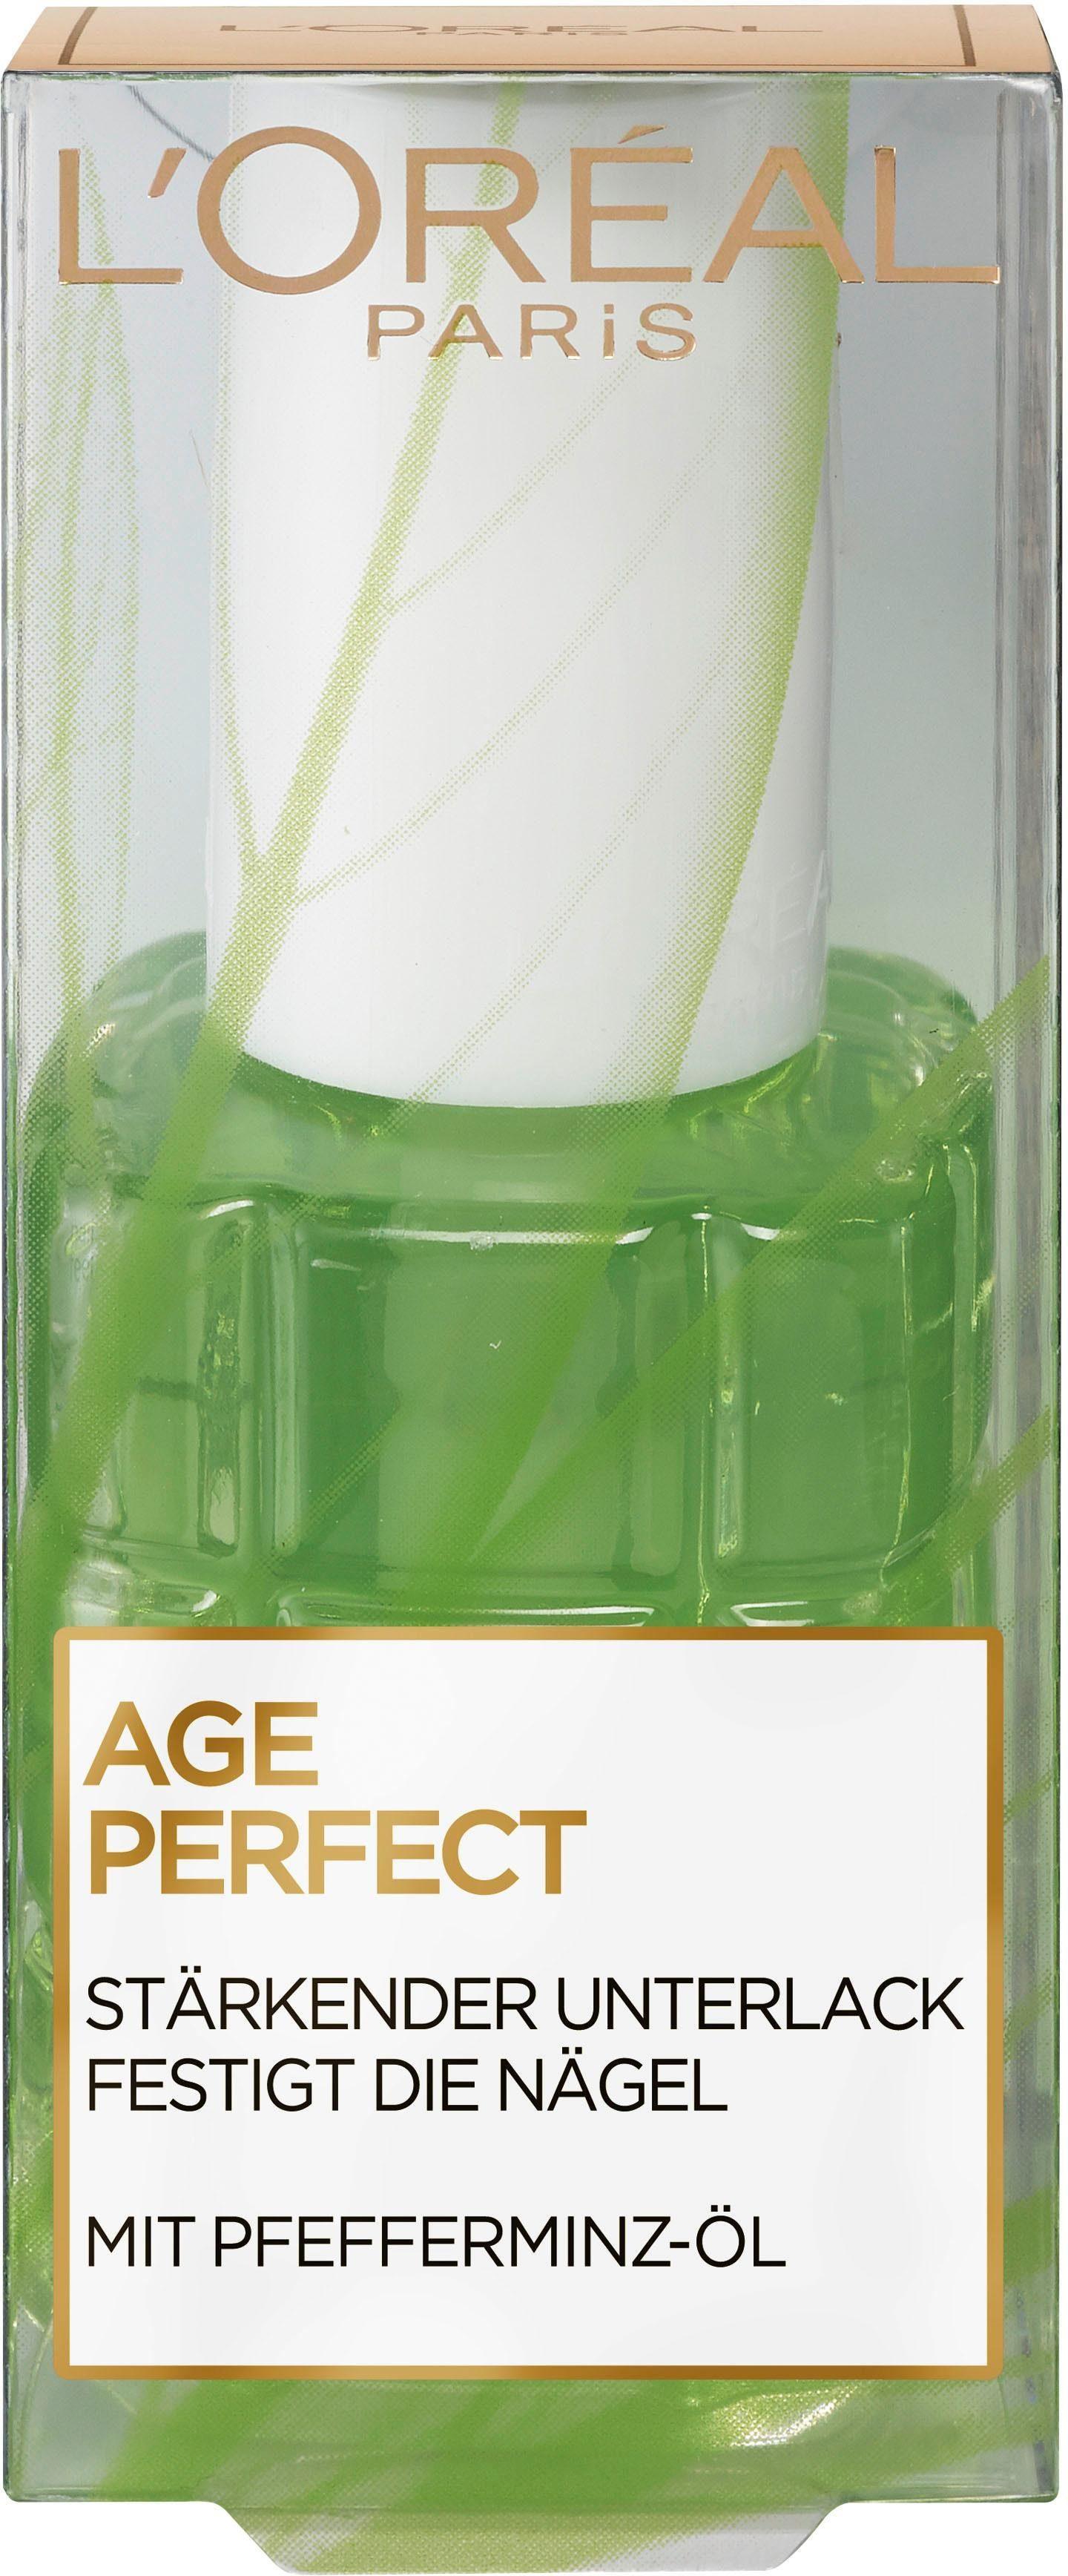 L'Oréal Paris, »Age Perfect«, Stärkender Unterlack